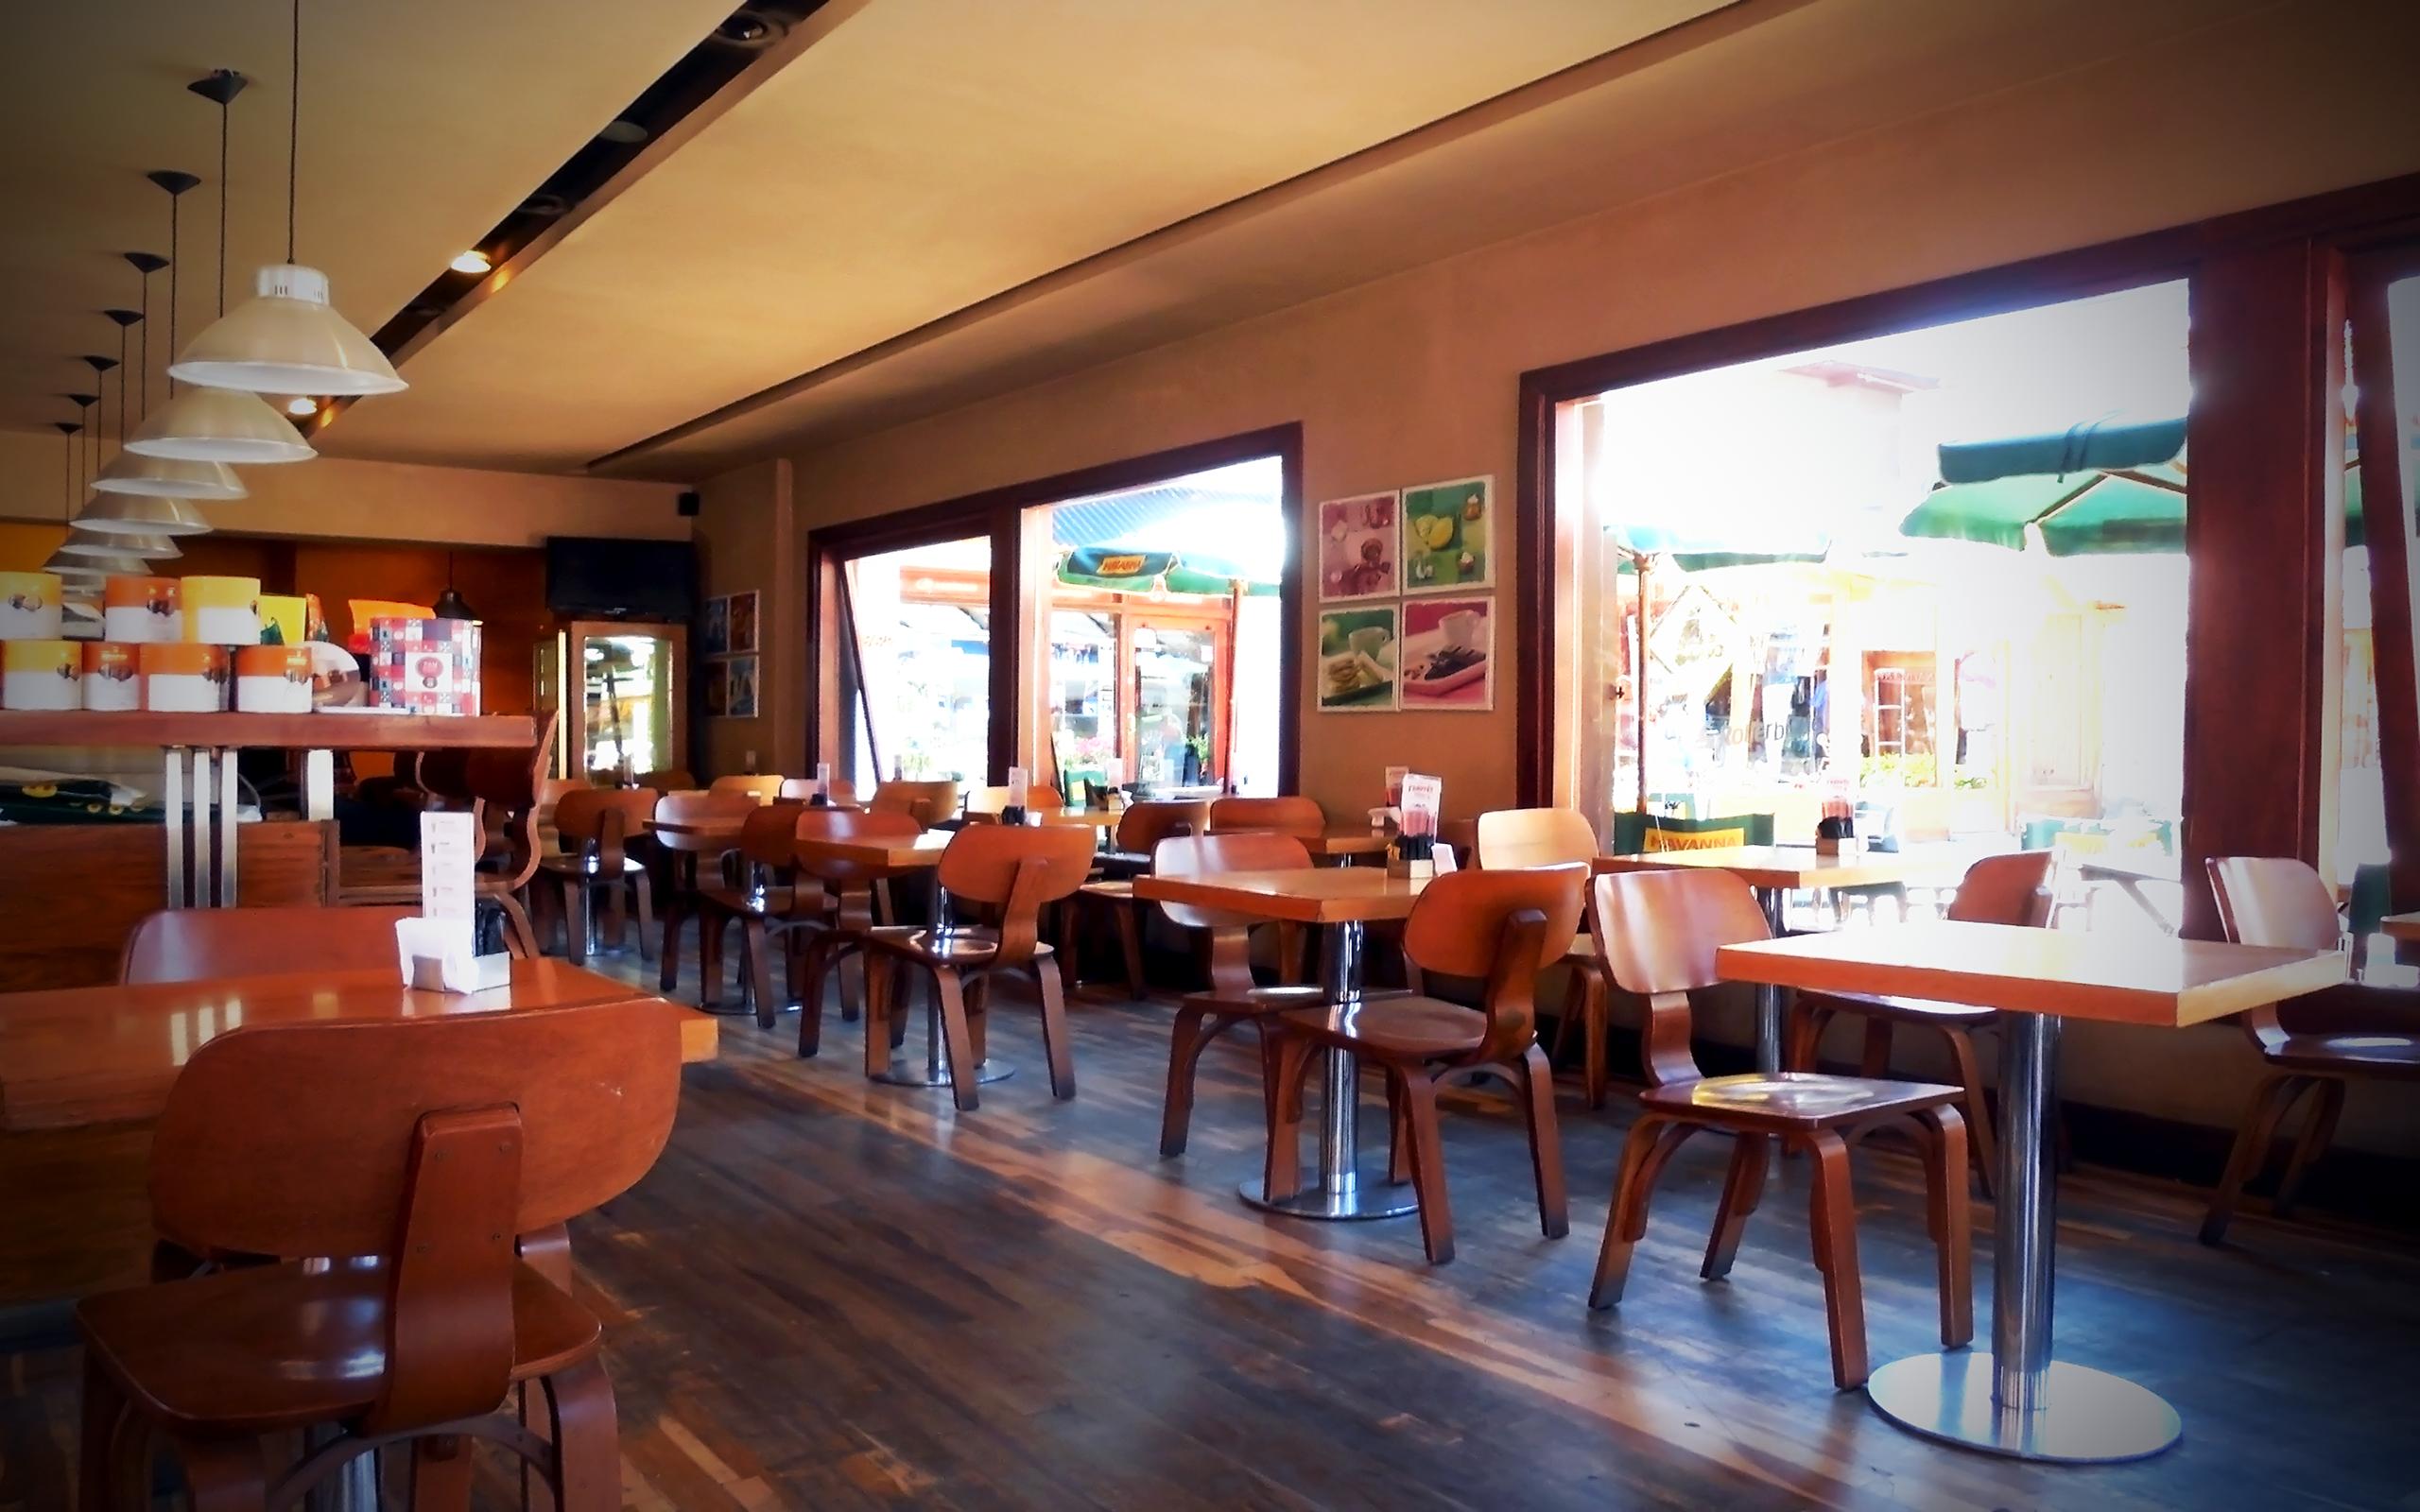 Innenarchitektur Cafe hintergrundbilder fotografie holz modern entspannend cafeteria